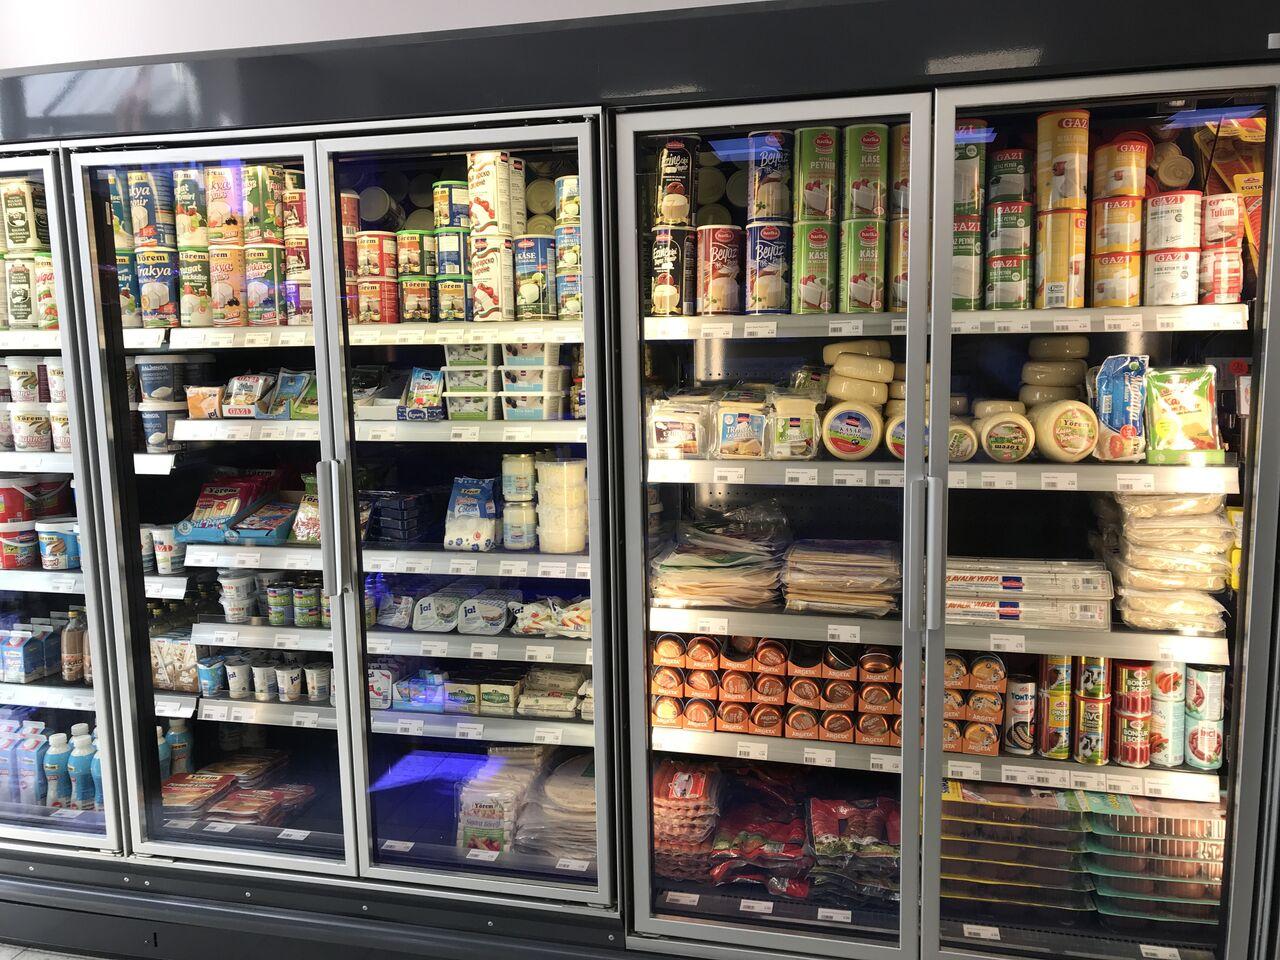 Käse /Molkerei Produkte